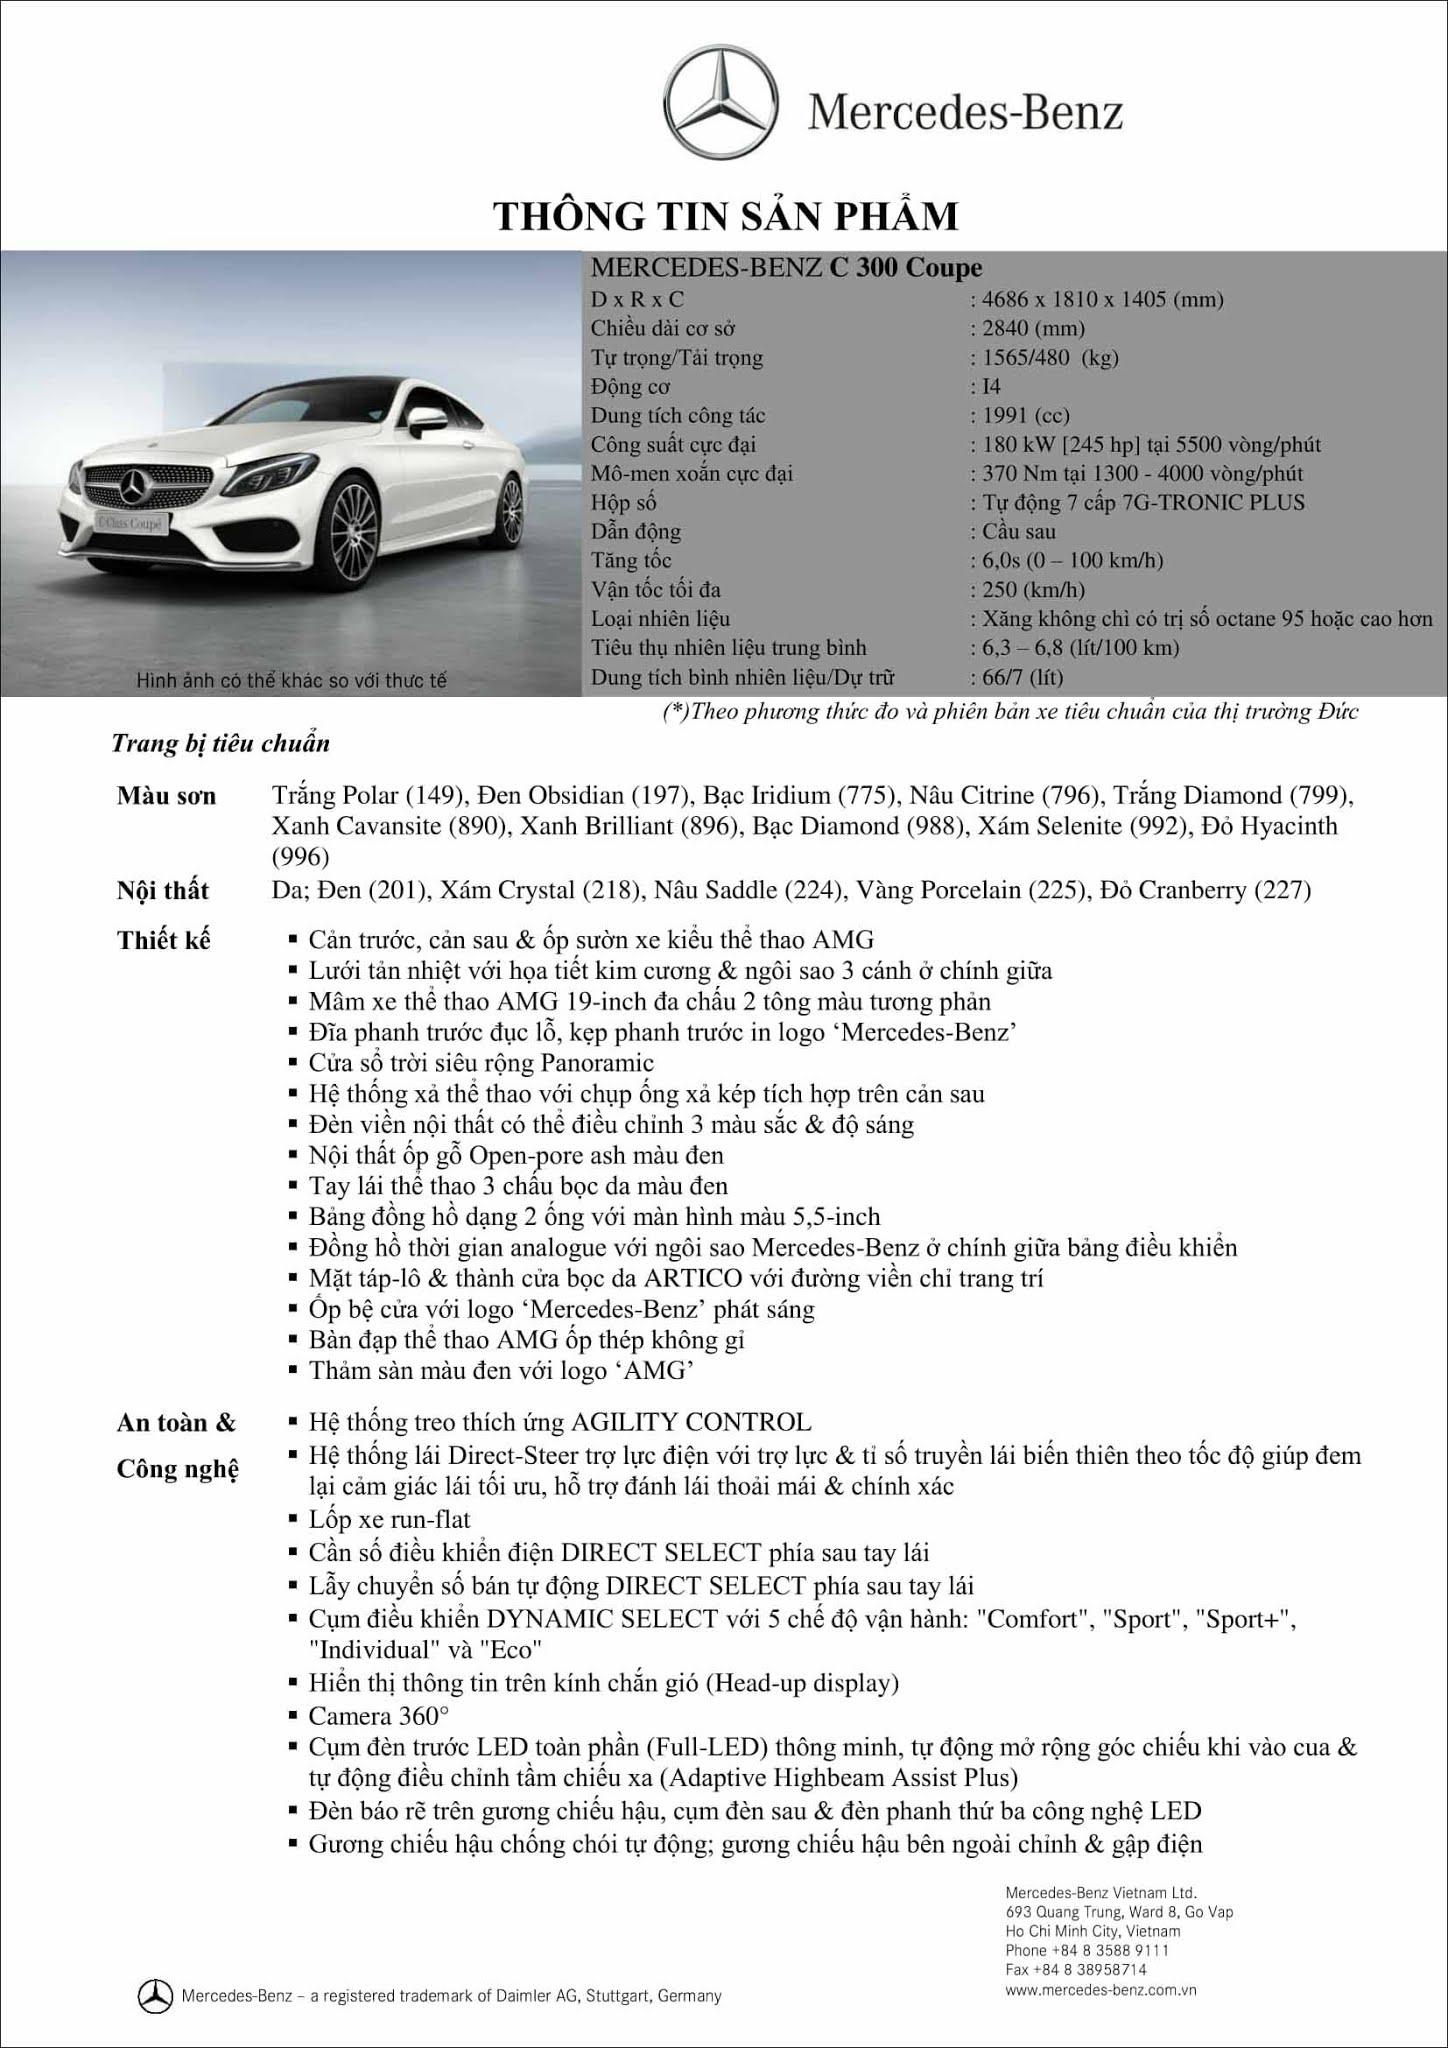 Bảng thông số kỹ thuật Mercedes C300 Coupe 2019 tại thị trường Việt Nam